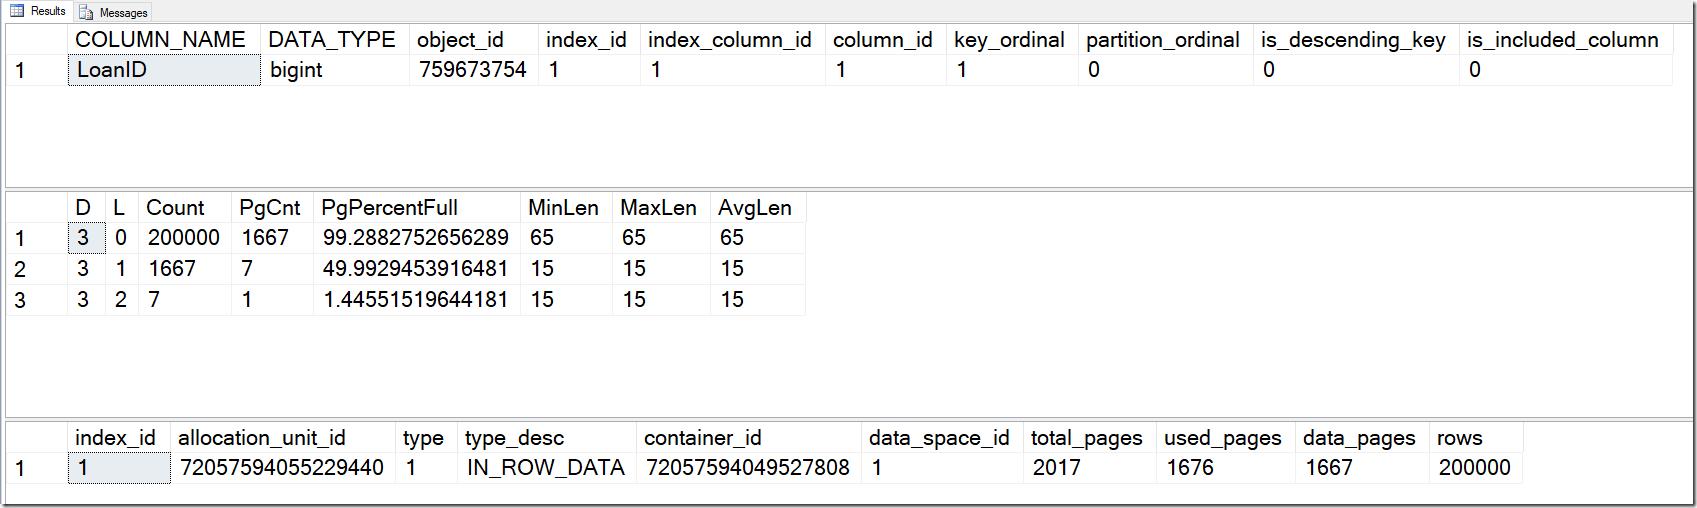 datasize 1